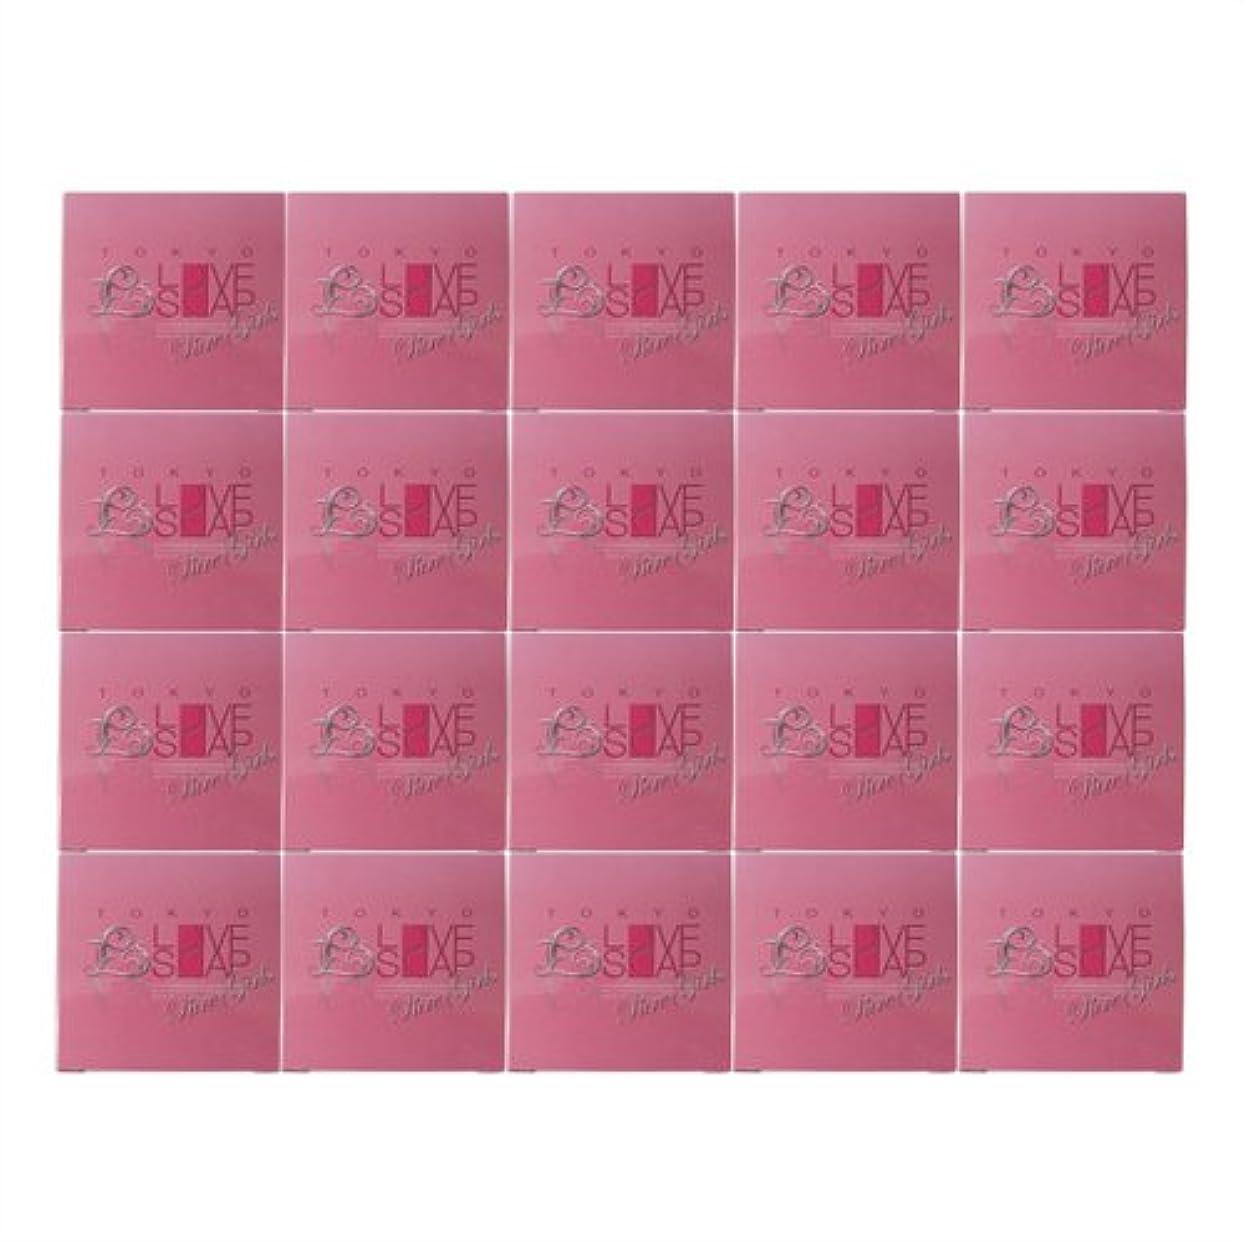 拍手するスキニー適格東京ラブソープ ピュアガールズ (80g) x20個 セット